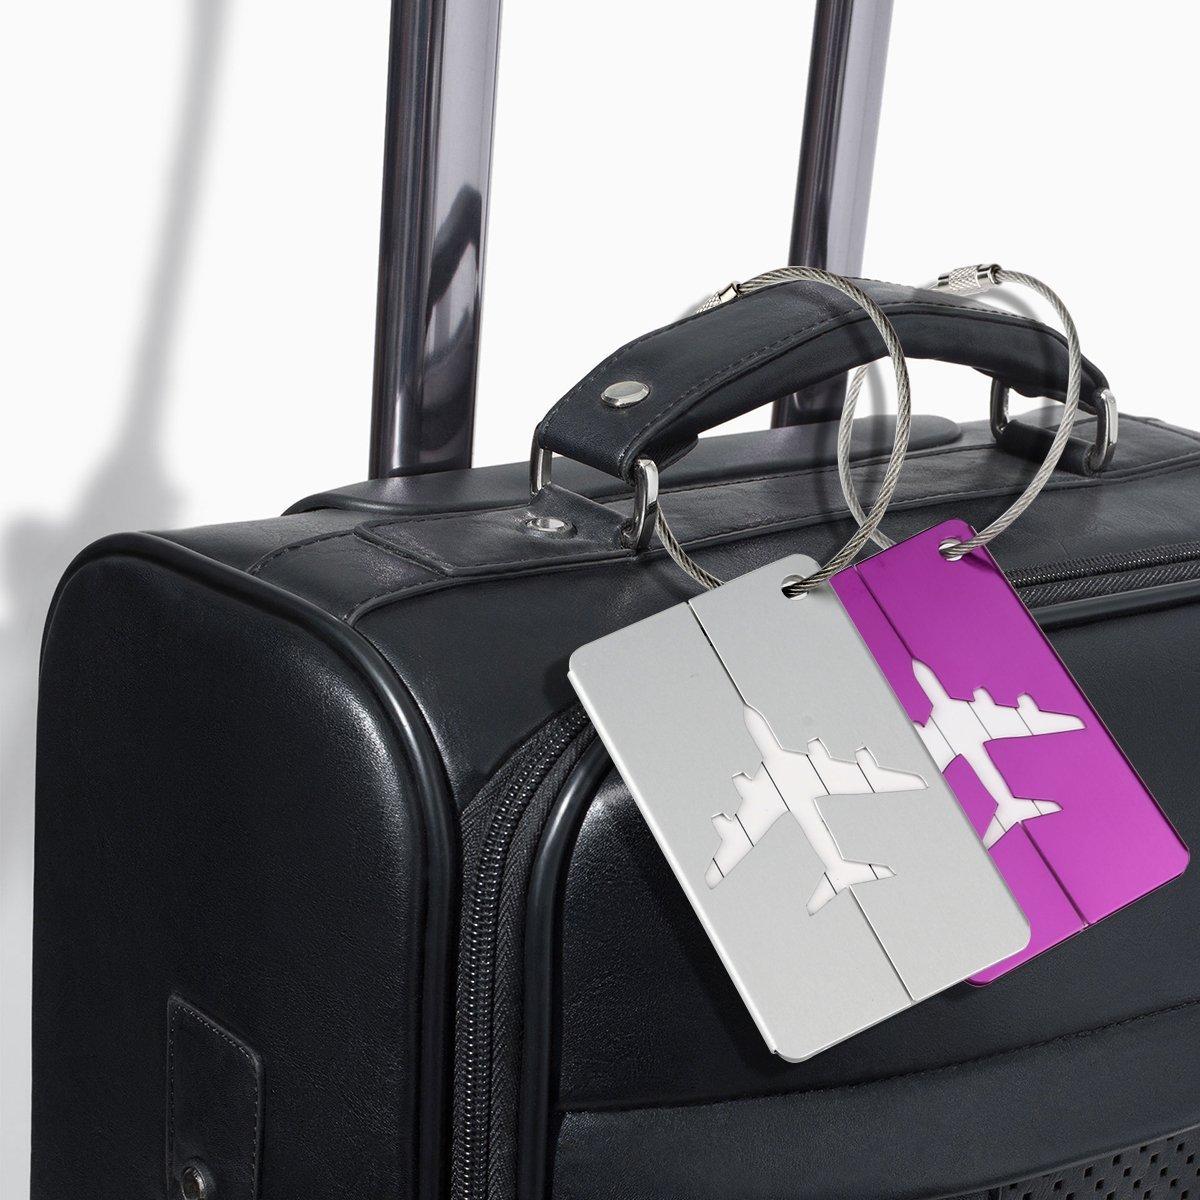 Etiquette,Bagages Lors de Voyage Aluminium Multicolore 6 pi/èce Kit de 6 Etiquettes de Voyage Avion Mod/èle M/étal Etiquettes /étiquette pour Bagages Valises Portes